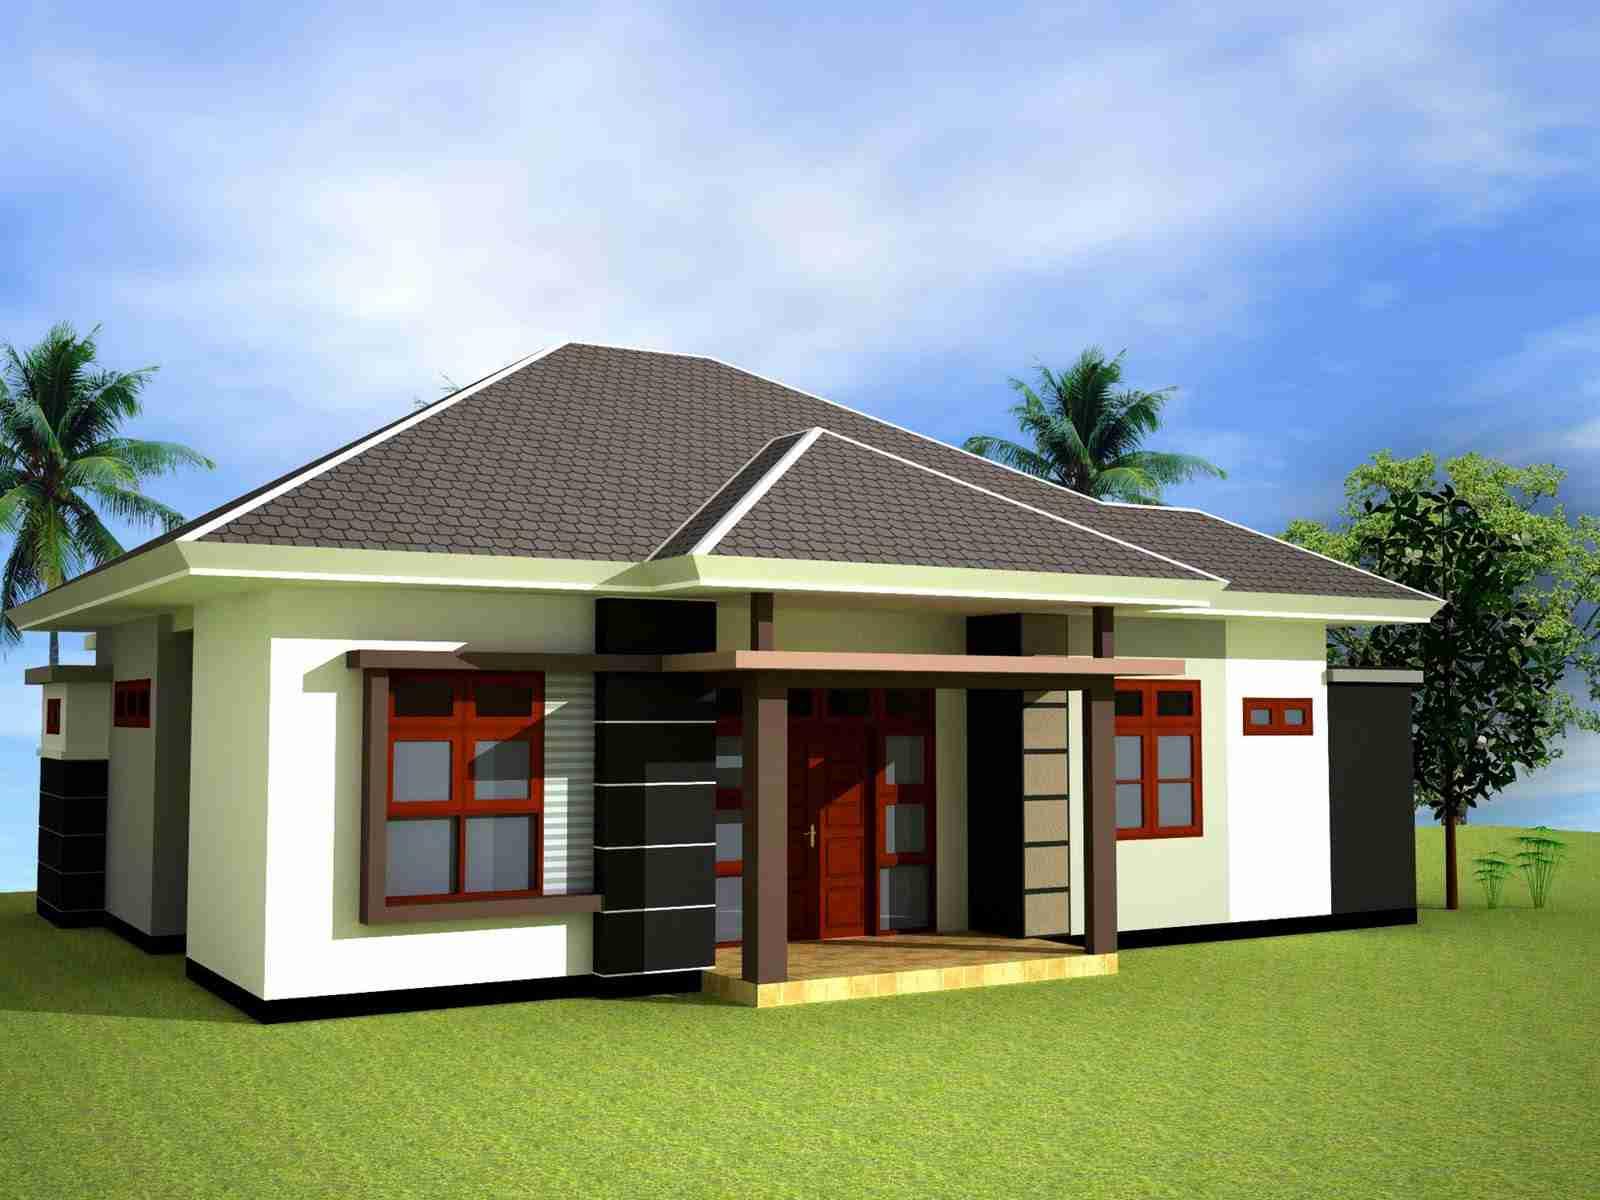 Desain Rumah Minimalis dengan Halaman Luas